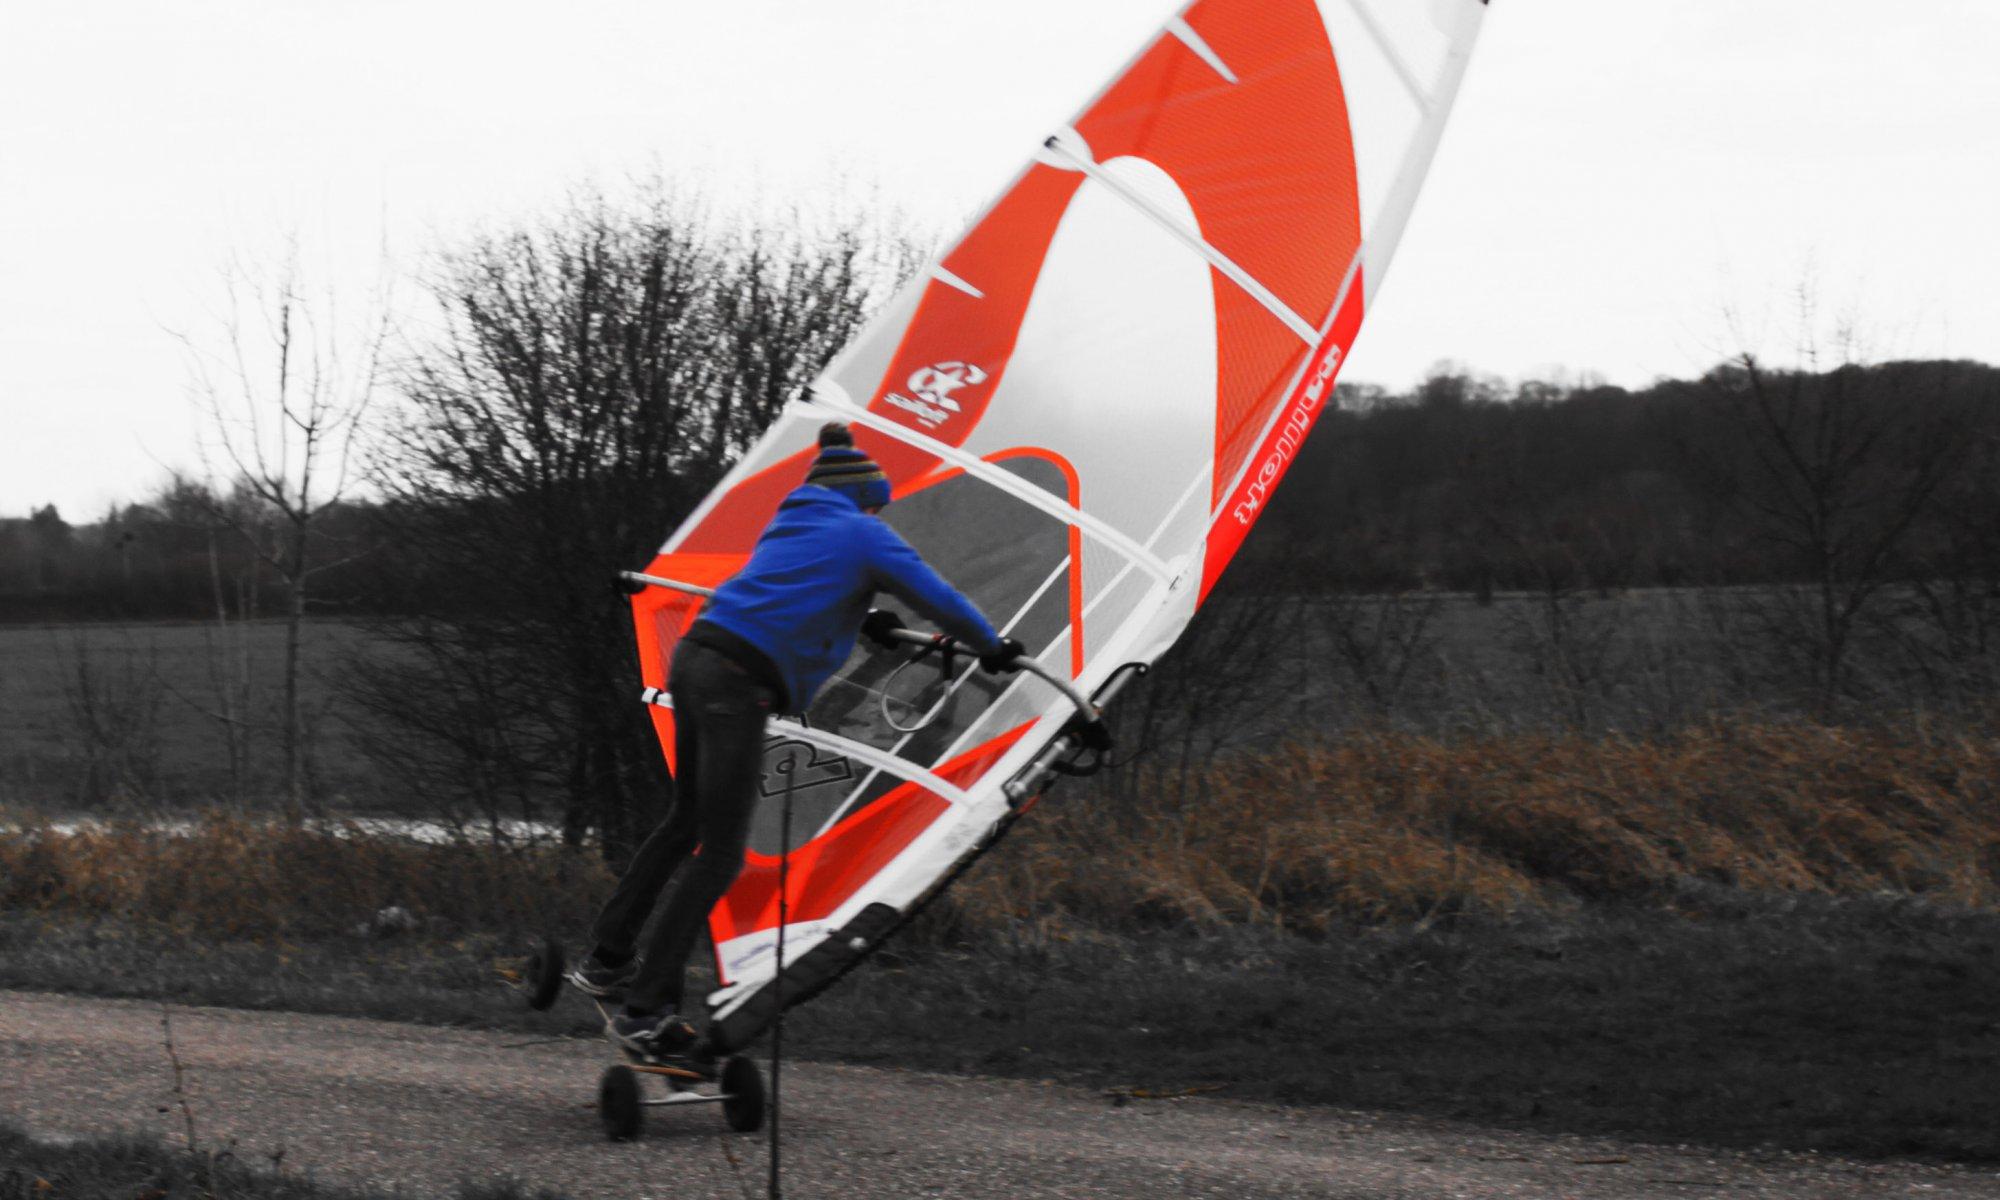 windsskate - nascimo fournier